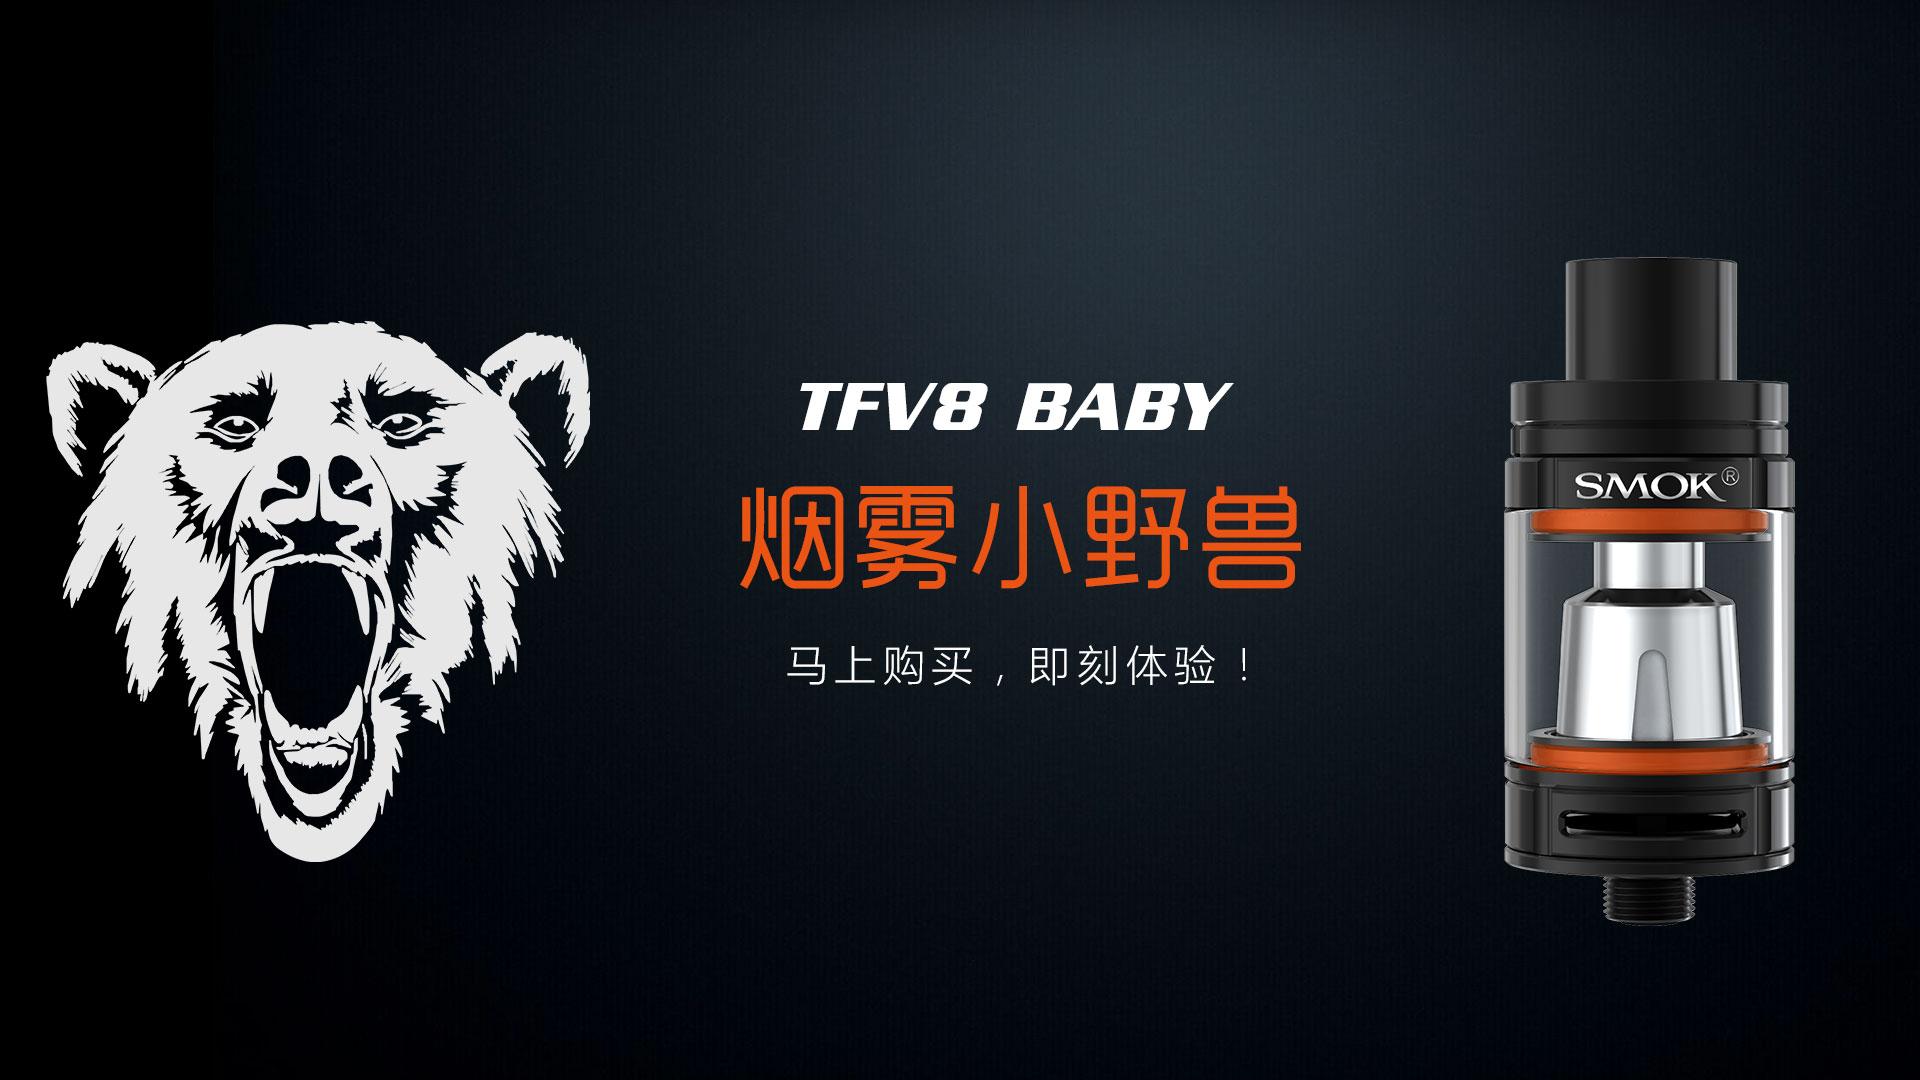 tfv8 baby